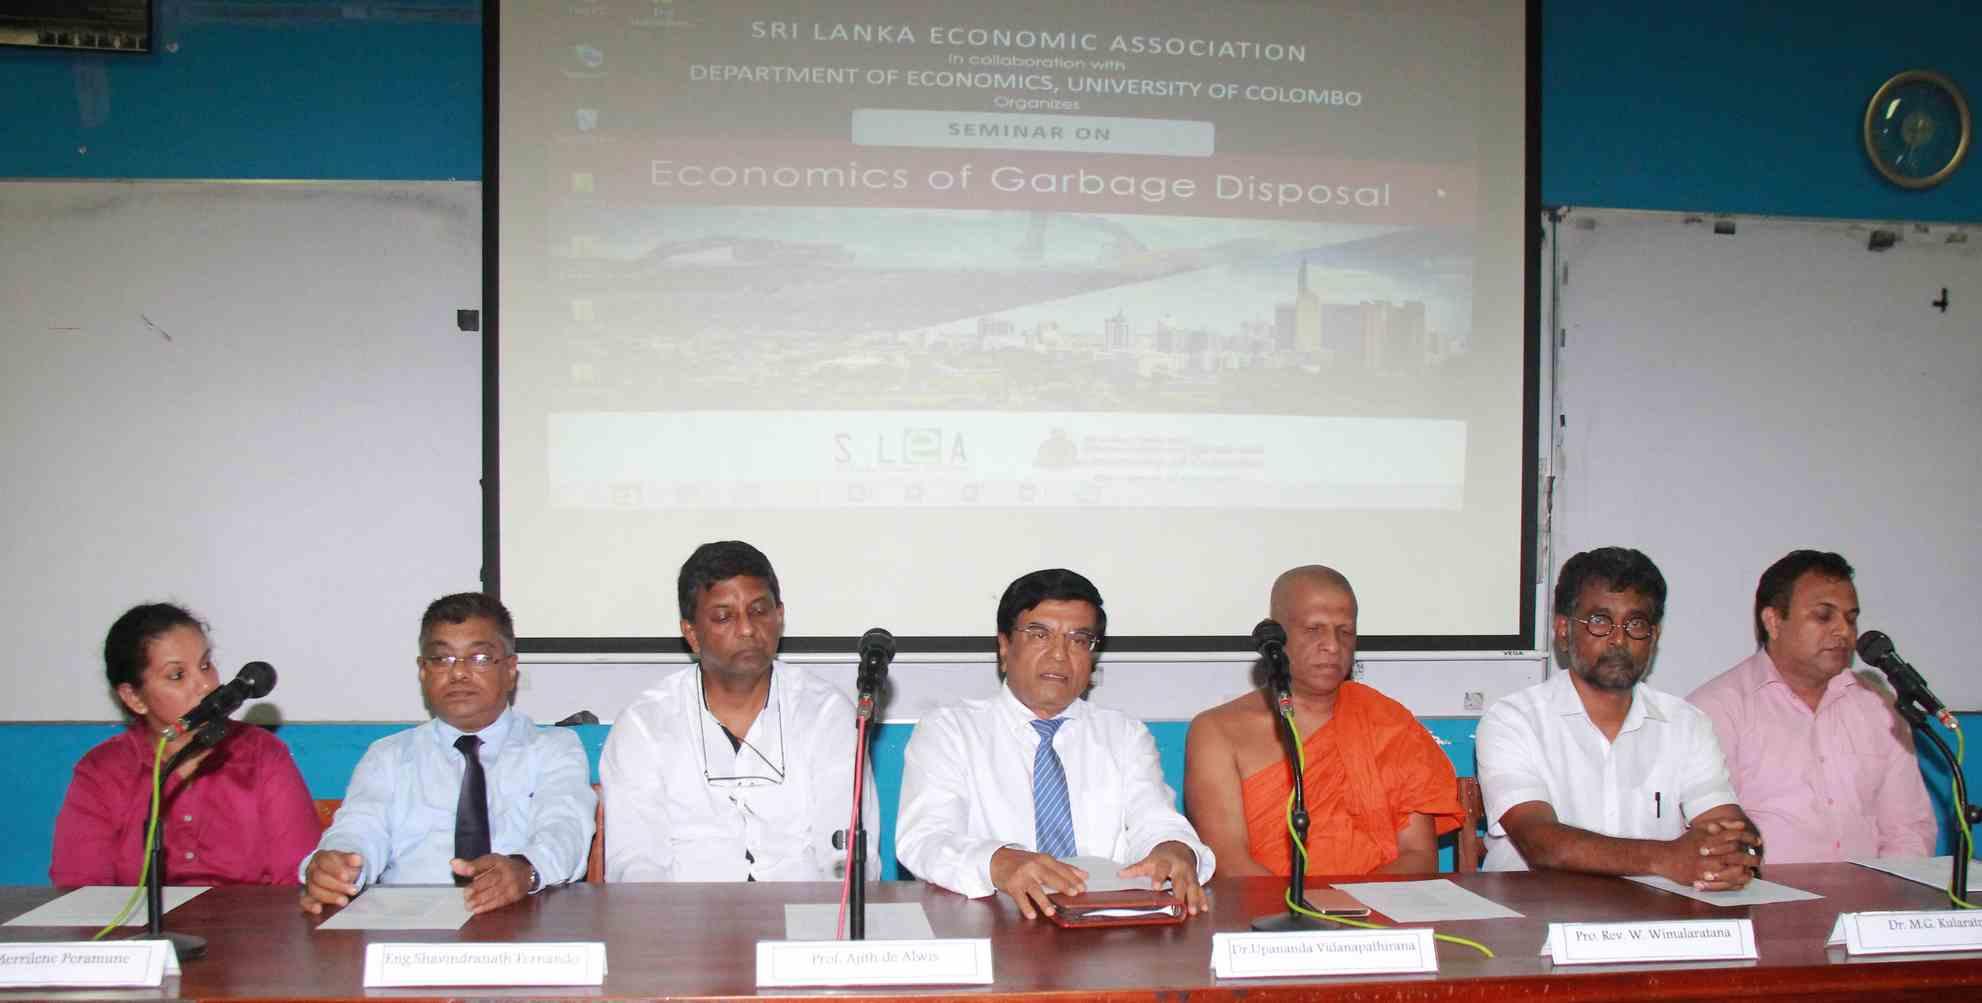 Seminar on Economics of Garbage Disposal